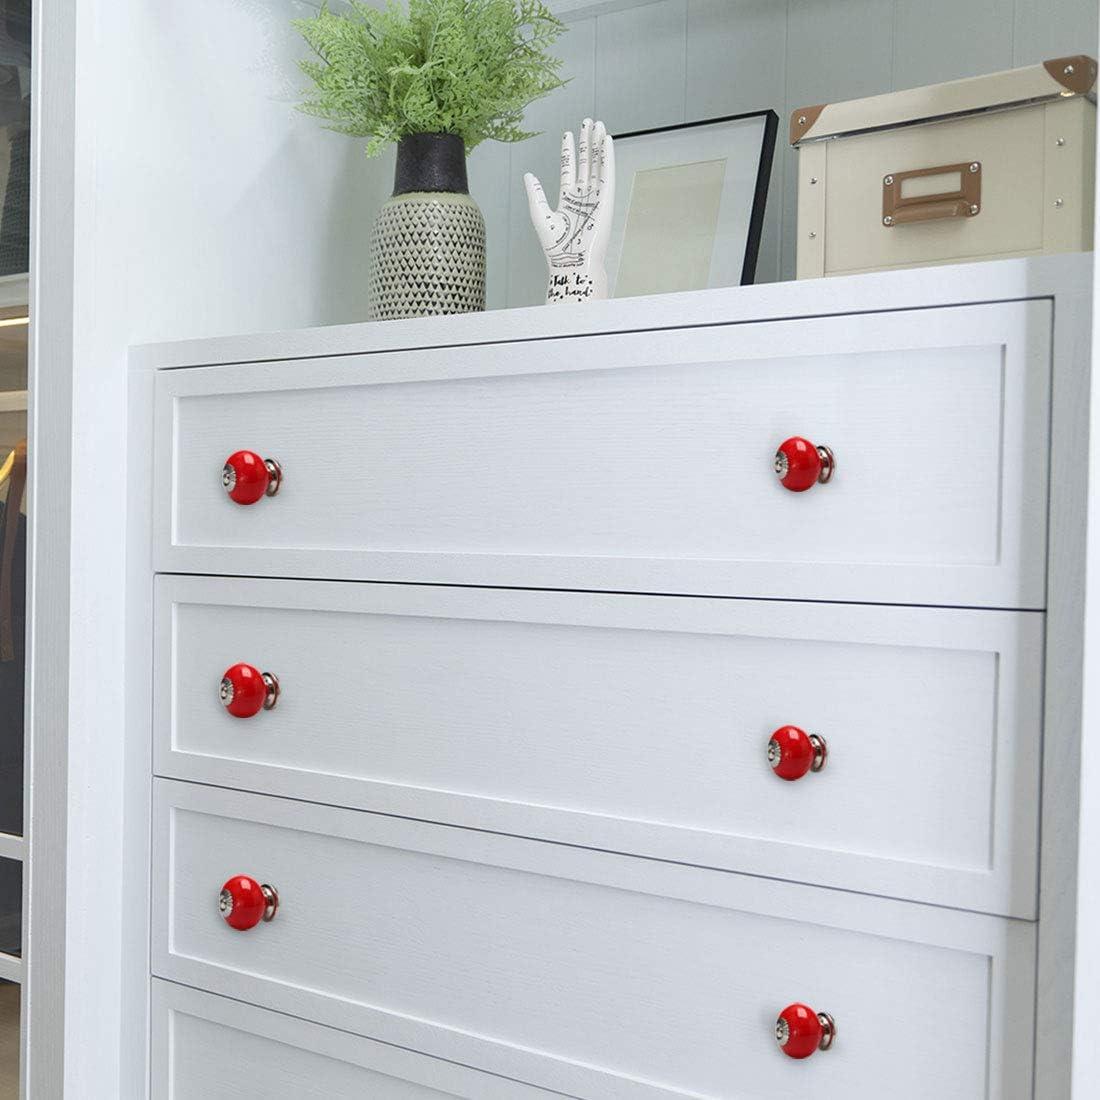 Rouge. 4pcs Sourcing map Boutons en c/éramique vintage avec poign/ée ronde /à tirer pour meubles de porte commode armoire